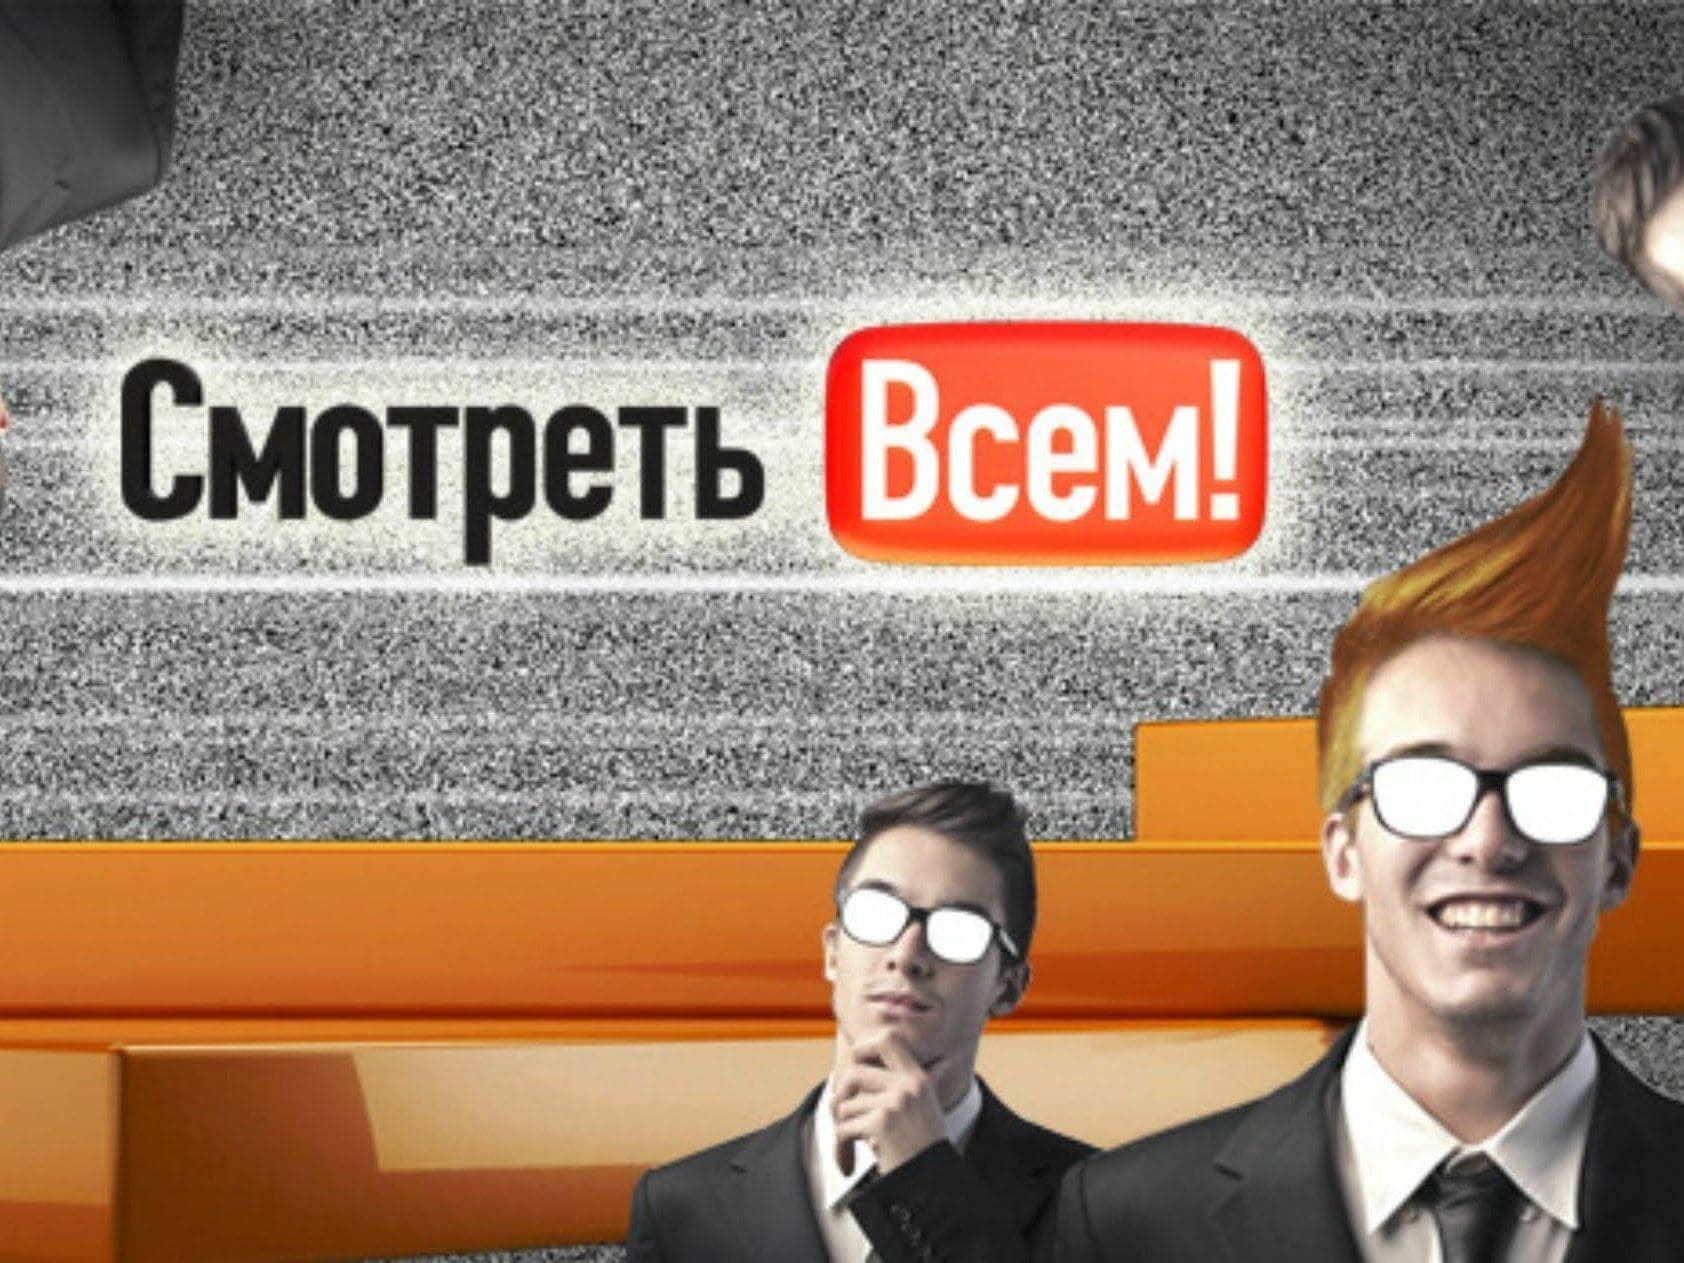 Смотреть всем! 392 серия в 22:12 на РЕН ТВ